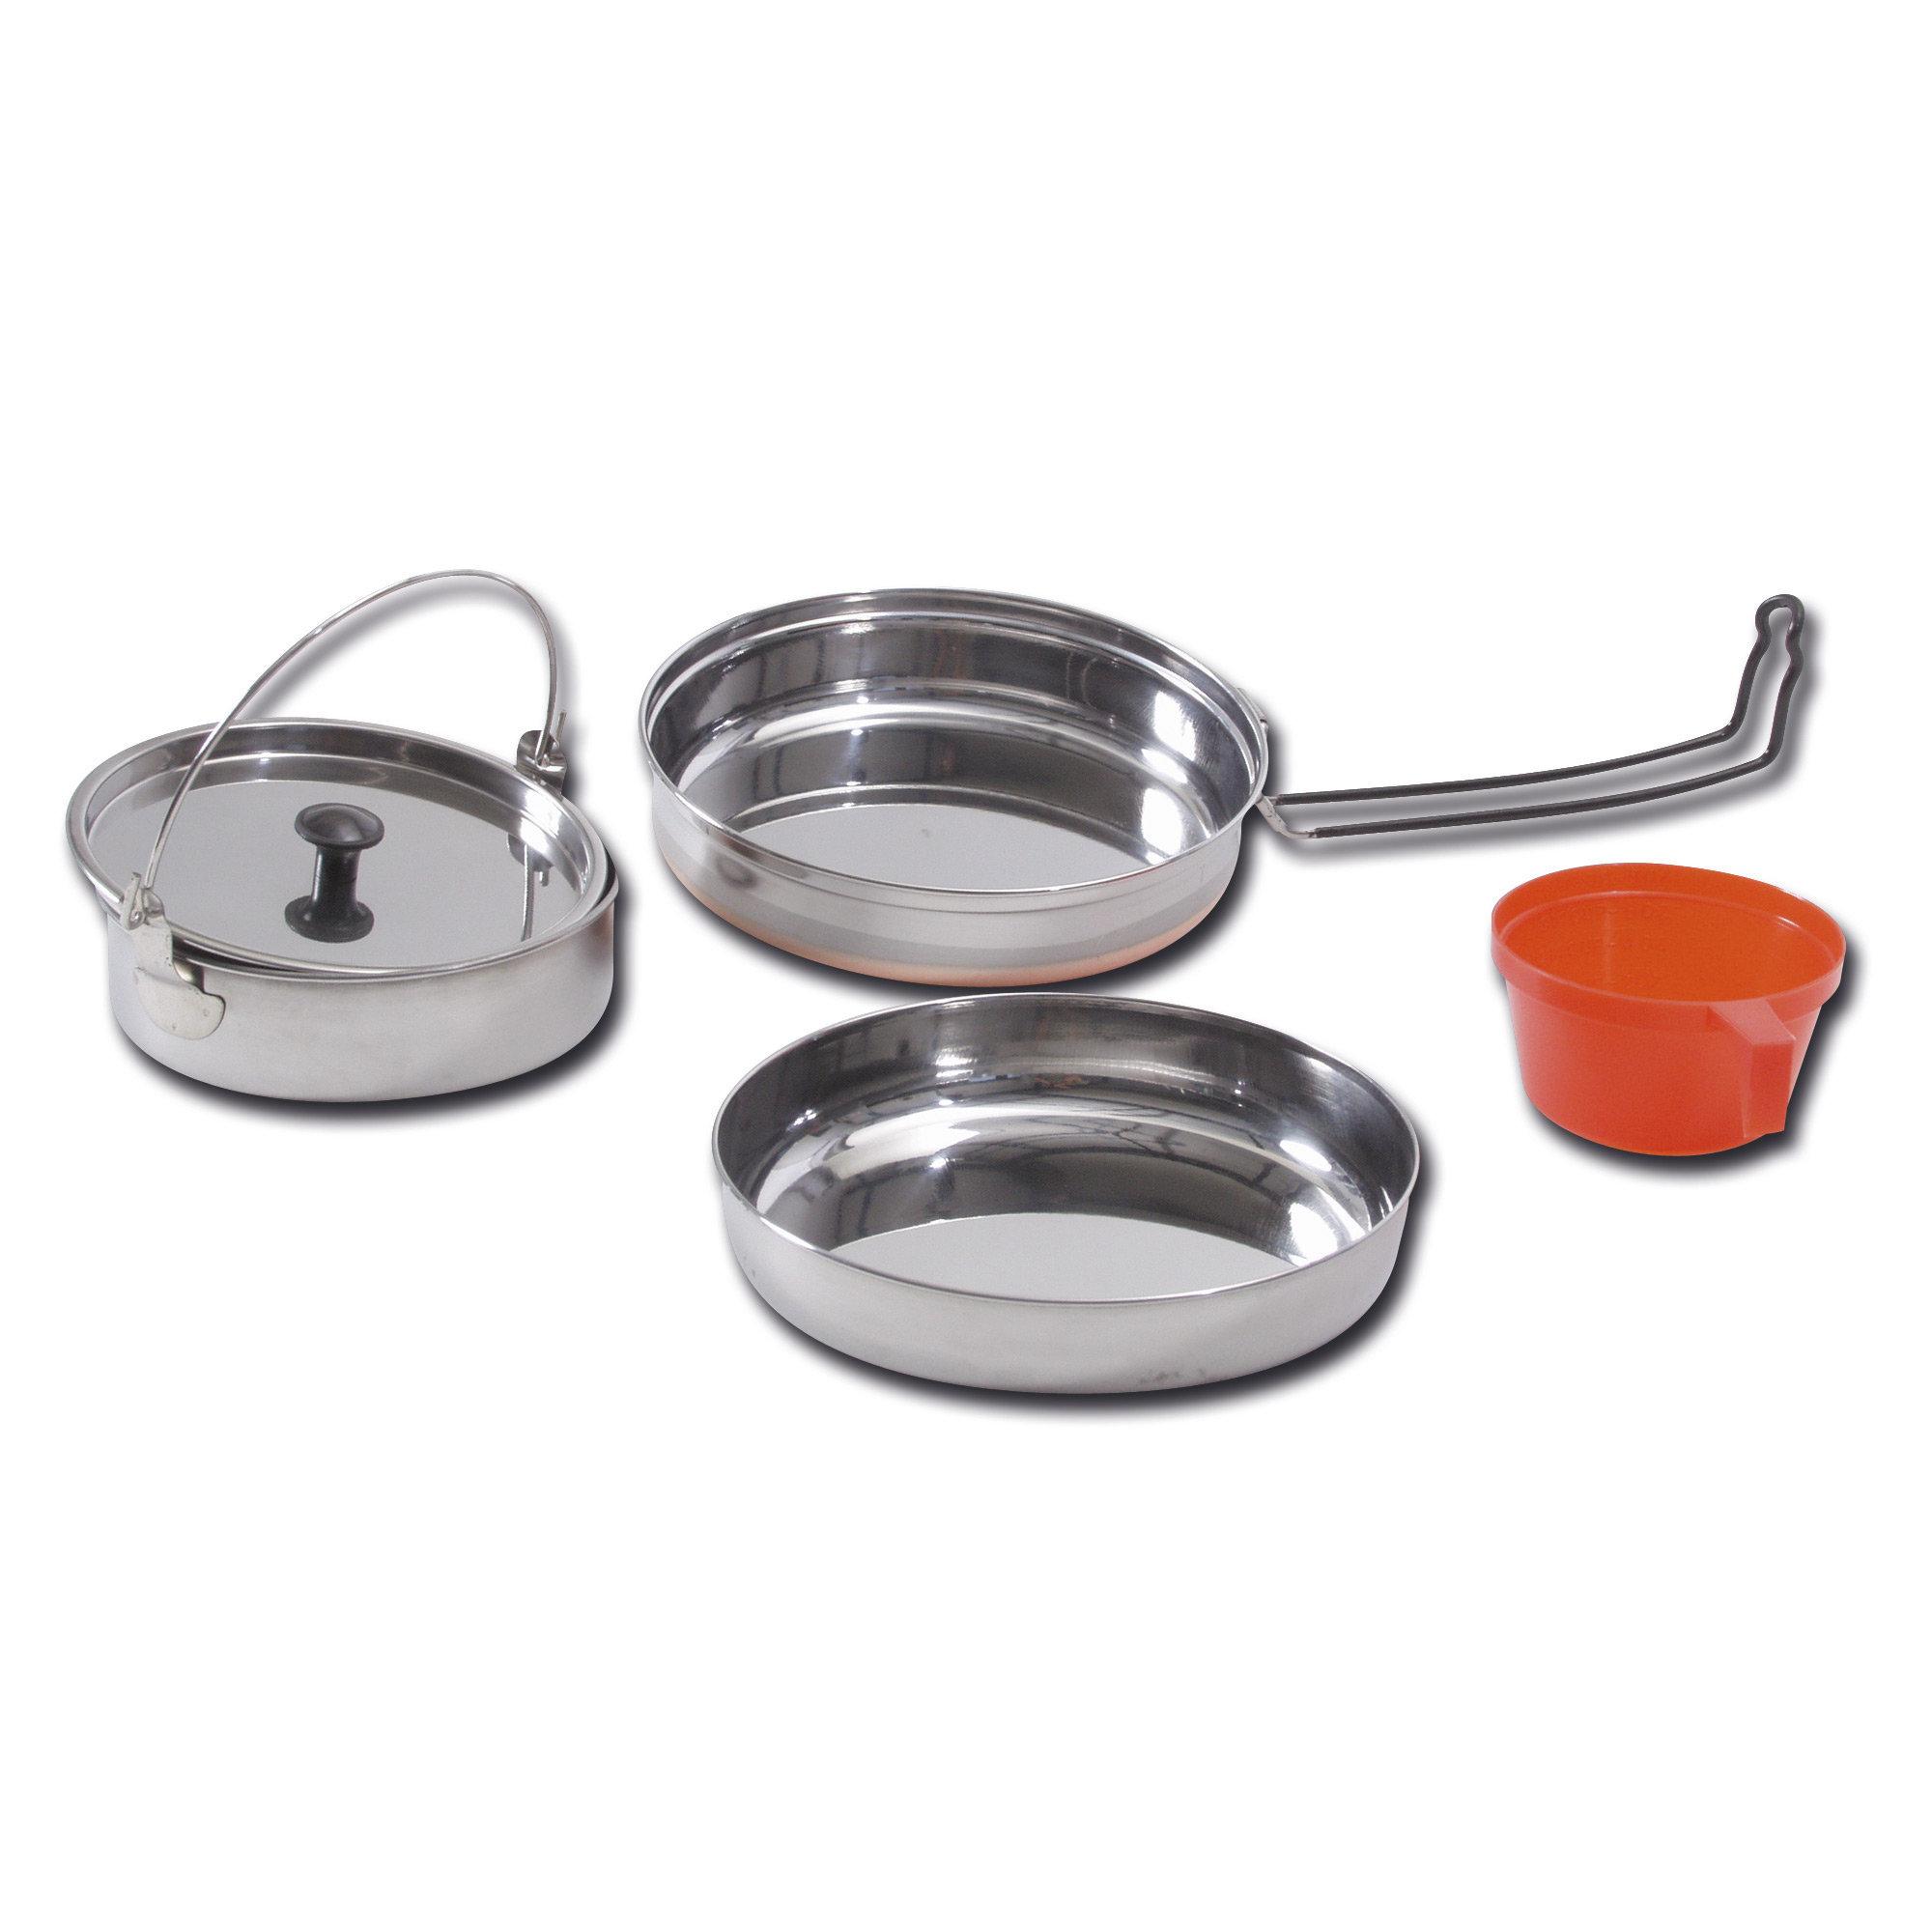 Set de cocina - acero inoxidable para 1 persona